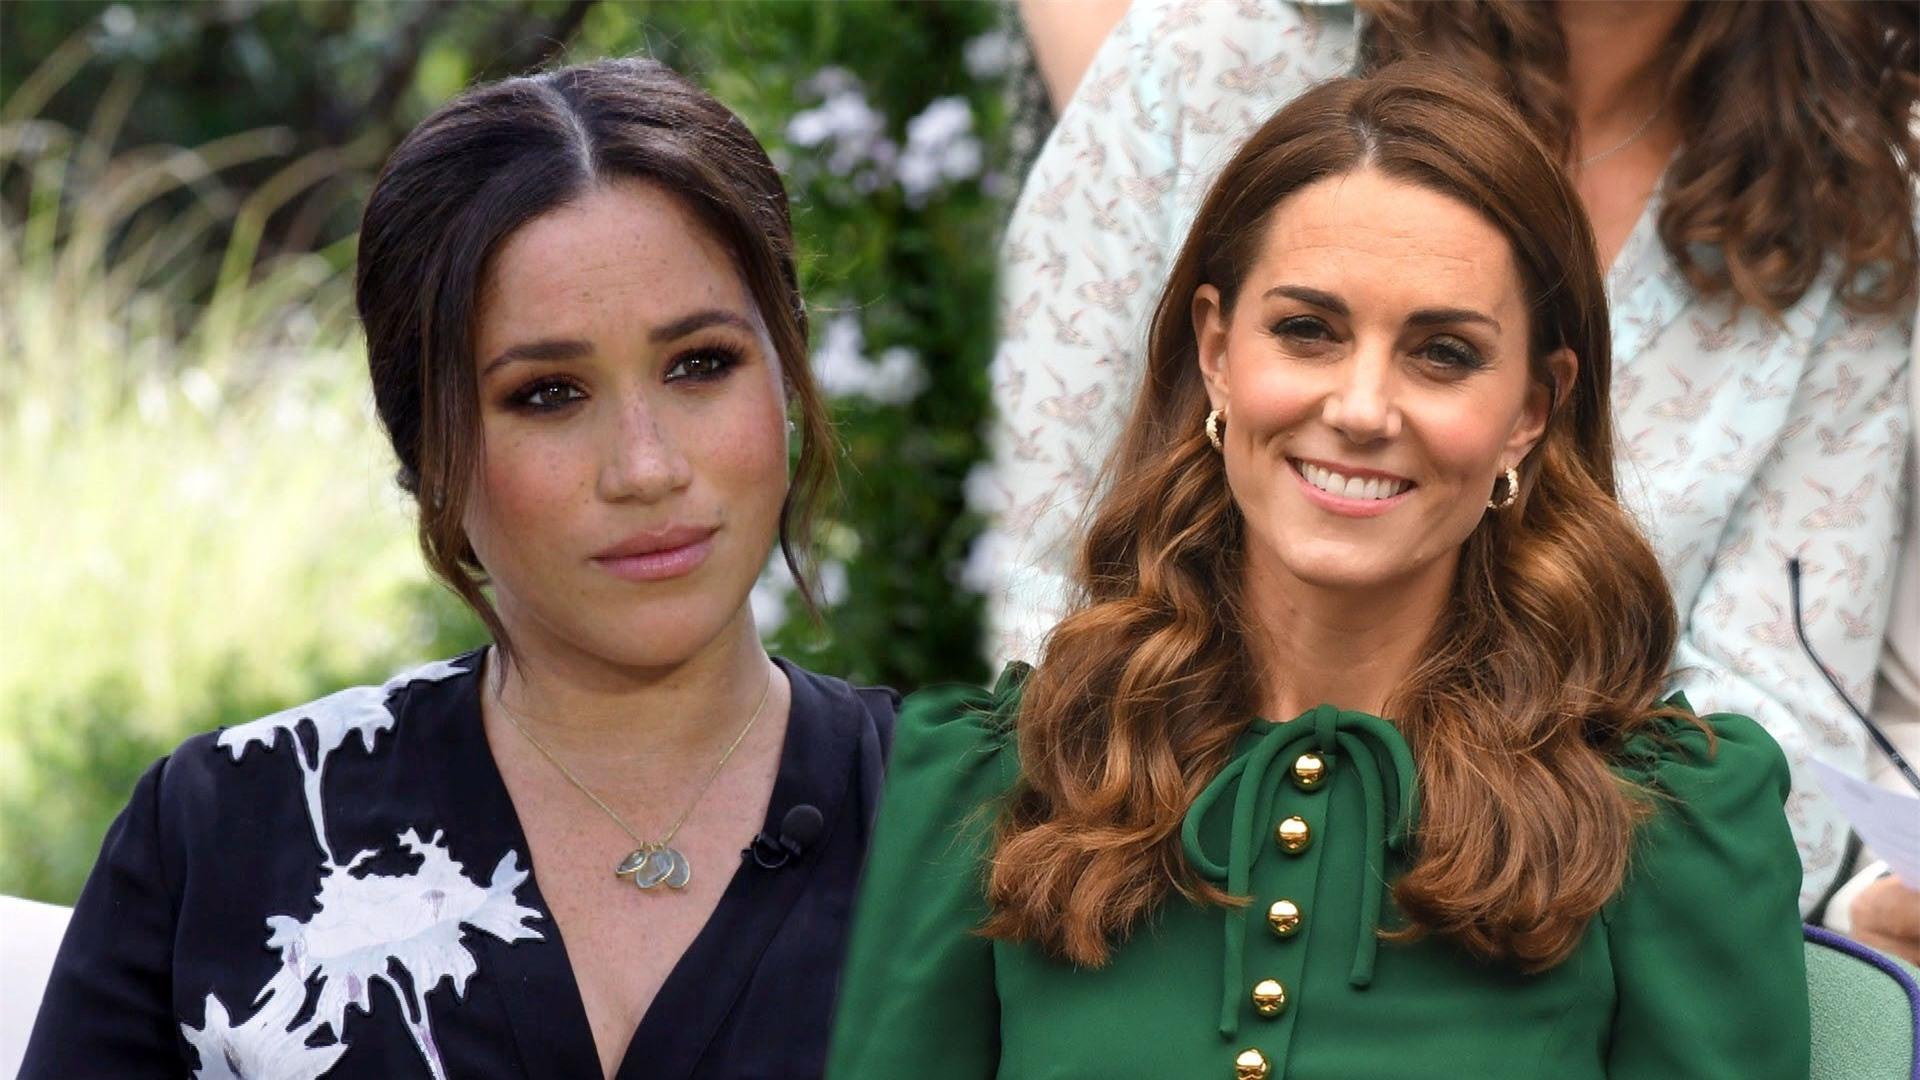 """Phiên bản mới về drama """"rơi nước mắt vì chiếc váy phù dâu"""": Meghan ném bó hoa của Kate vào thùng rác khiến chị dâu bật khóc  - Ảnh 1."""